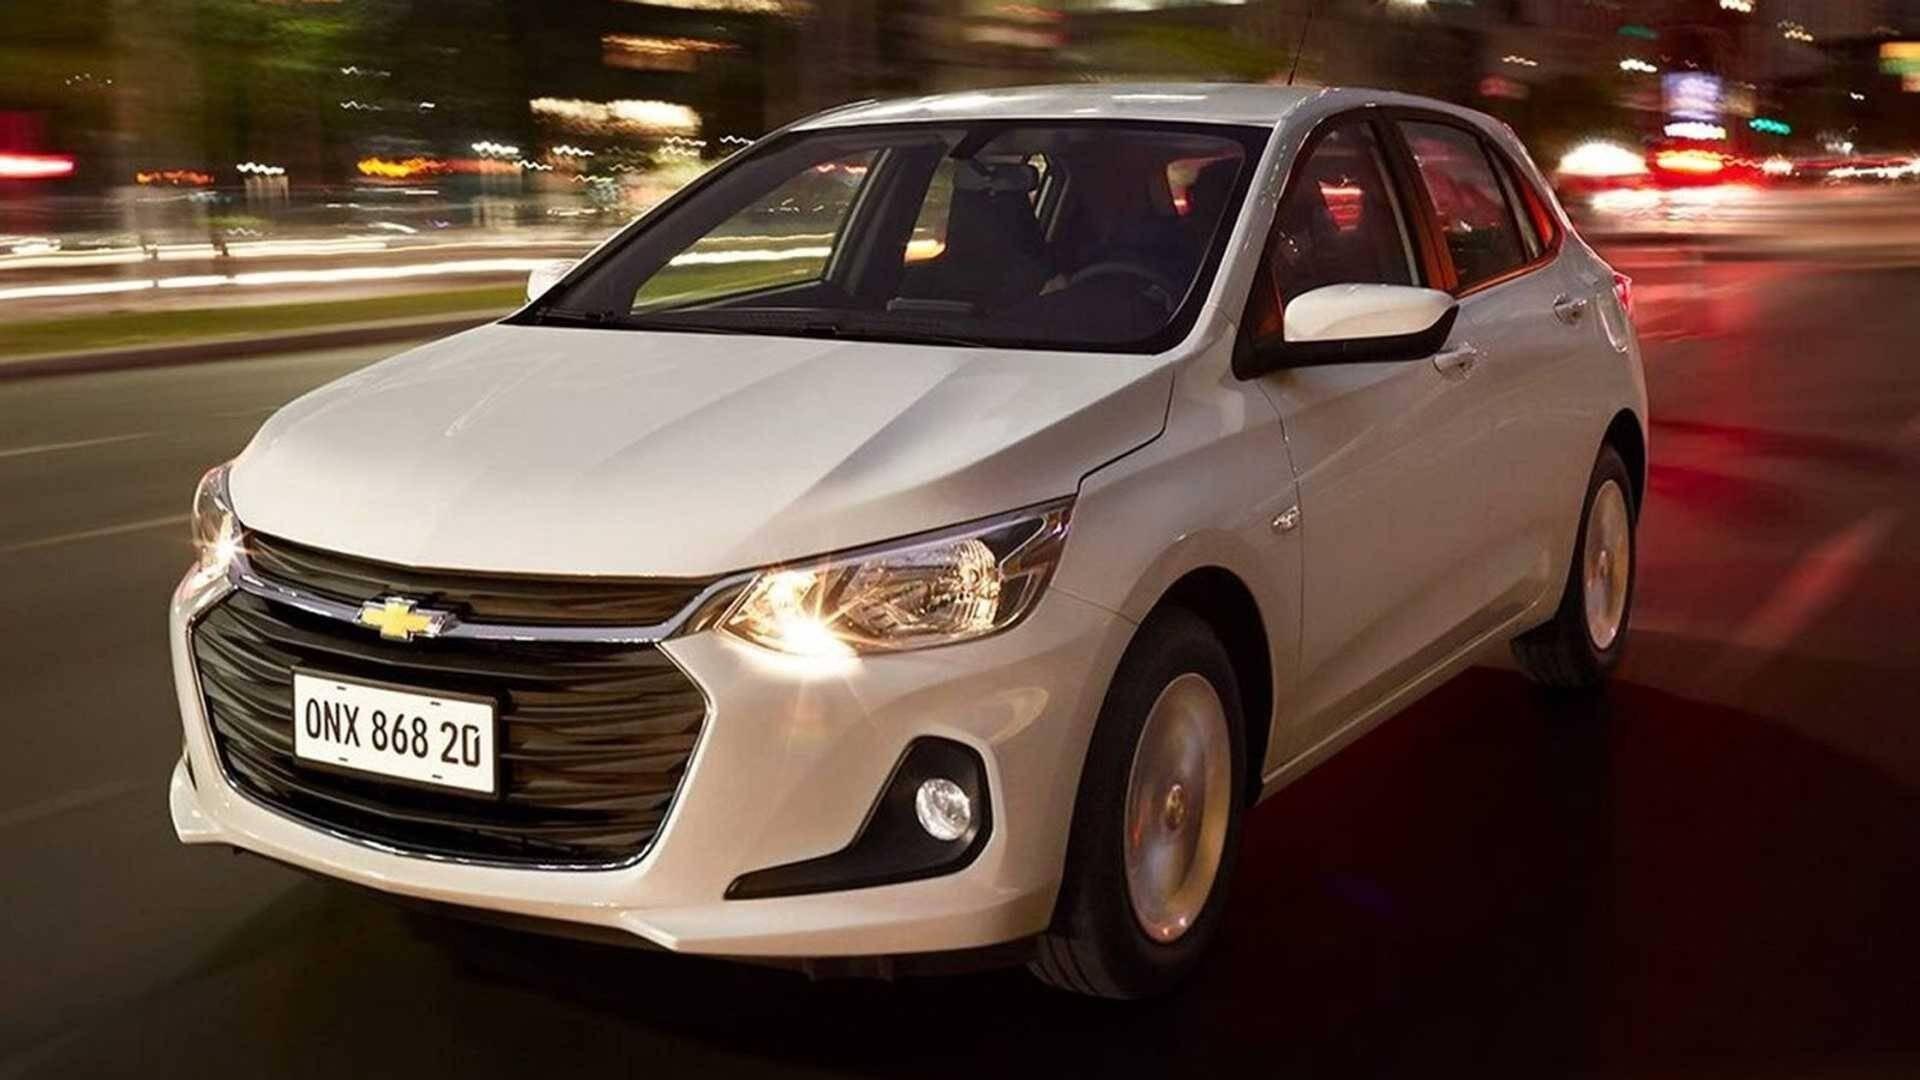 Chevrolet Onix Fica Mais Caro Em Todas As Versoes Veja Os Novos Precos O Bom Da Noticia